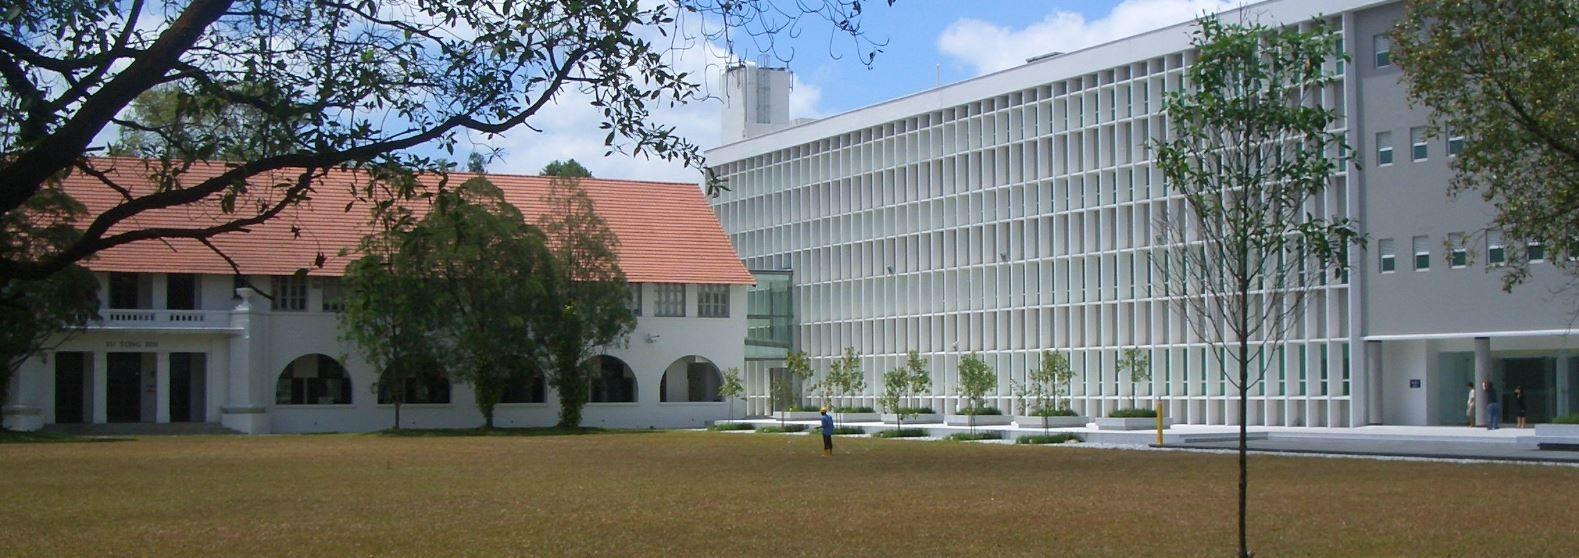 nus law school 10th best law school in the world 2021